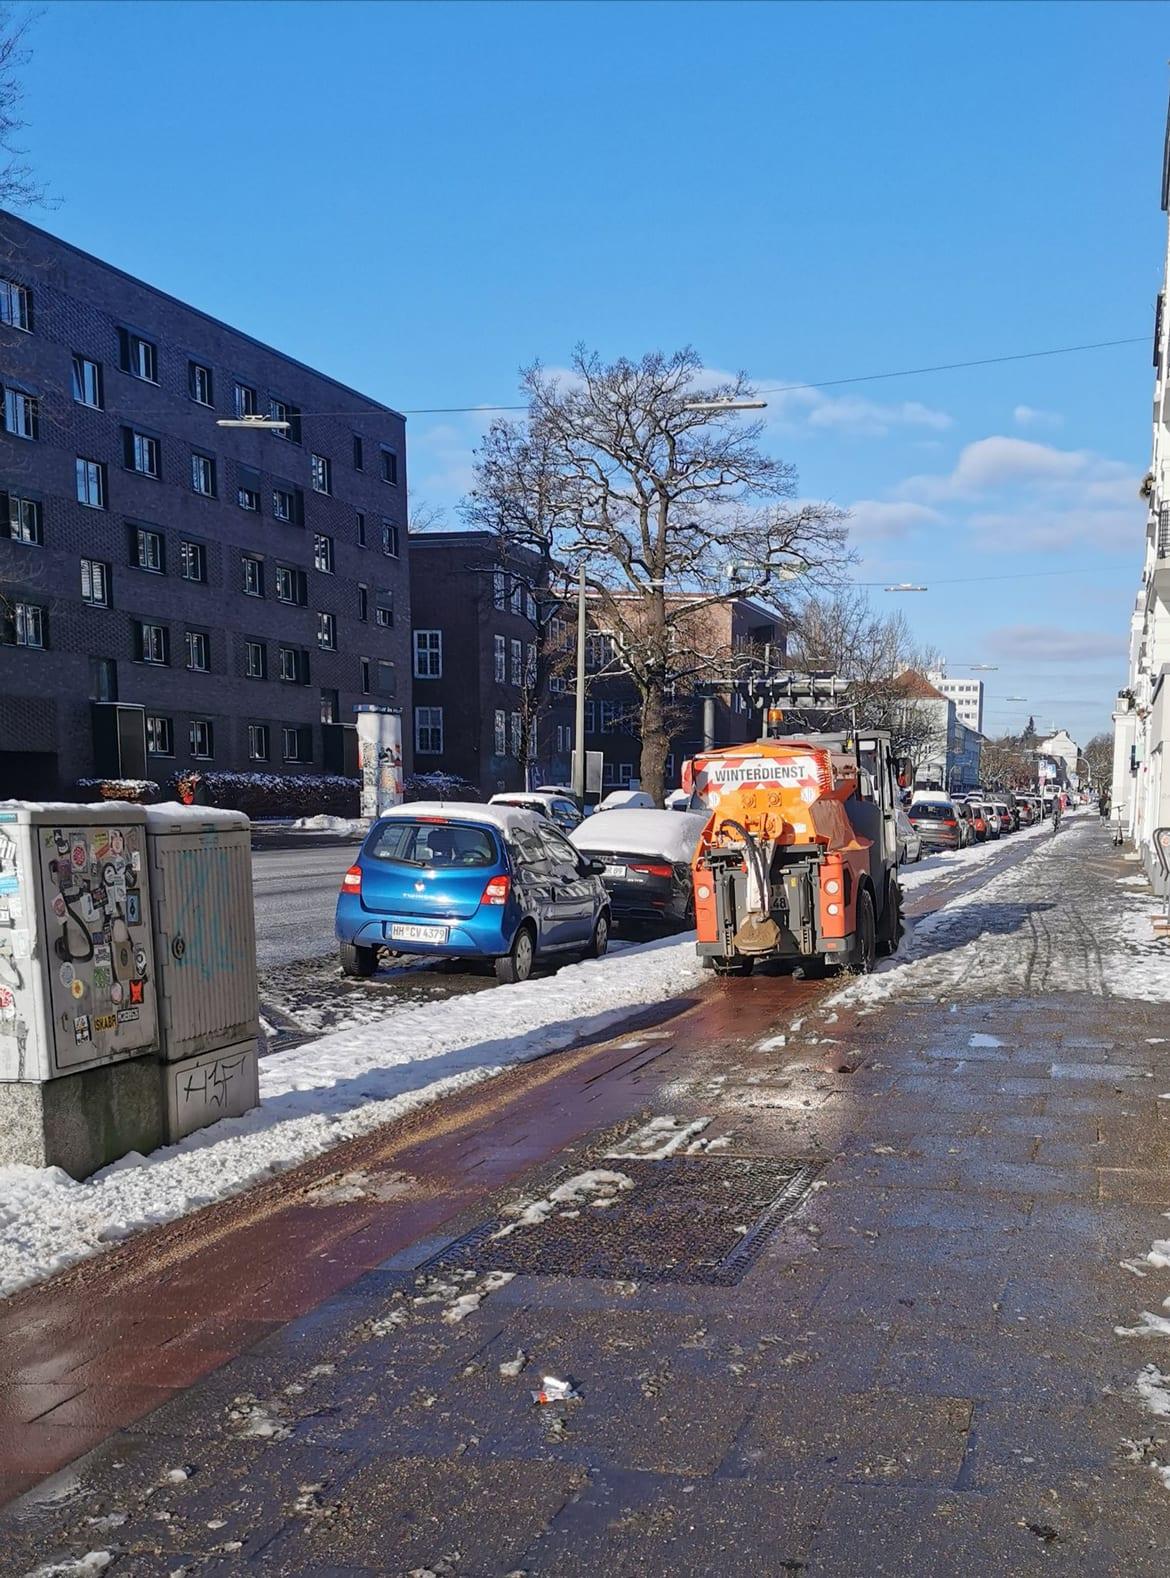 Eine Winterdienstmaschine der Stadtreinigung Hamburg auf einem Fahrradweg am 30. Januar 2021